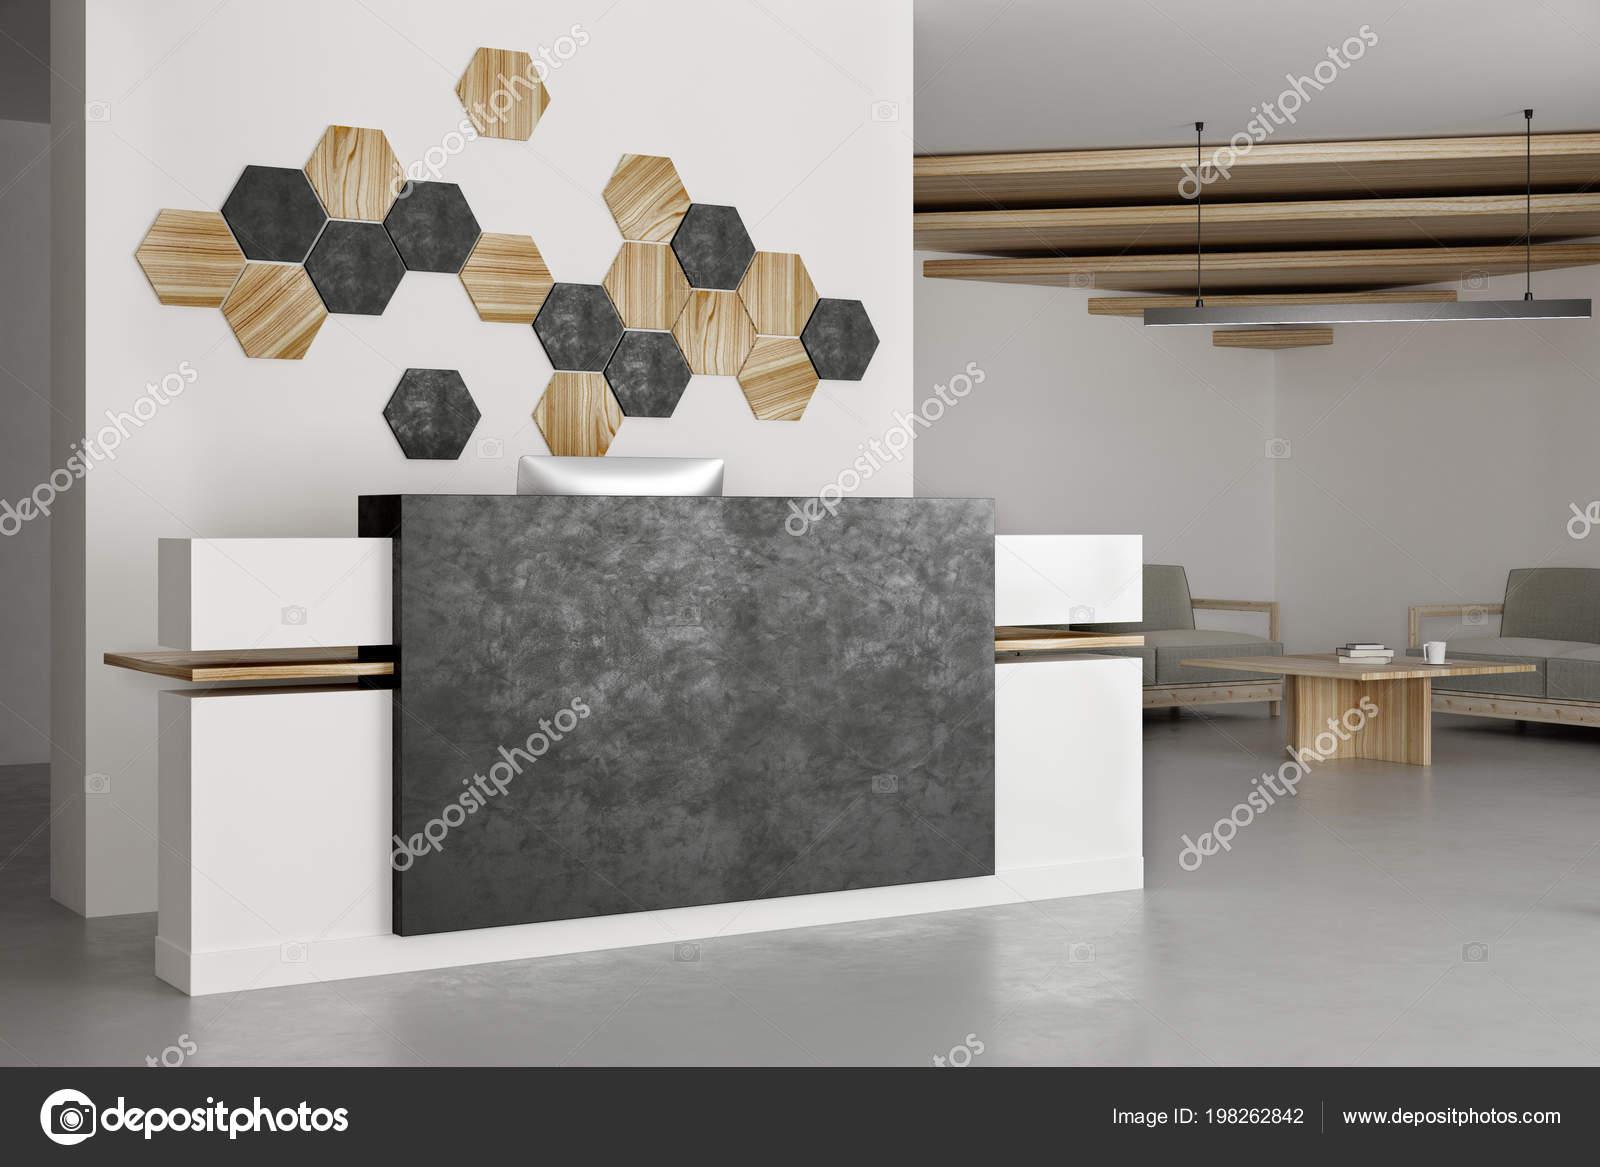 Interieur Propre Bureau Avec Reception Decor Mosaique Sur Mur Beton